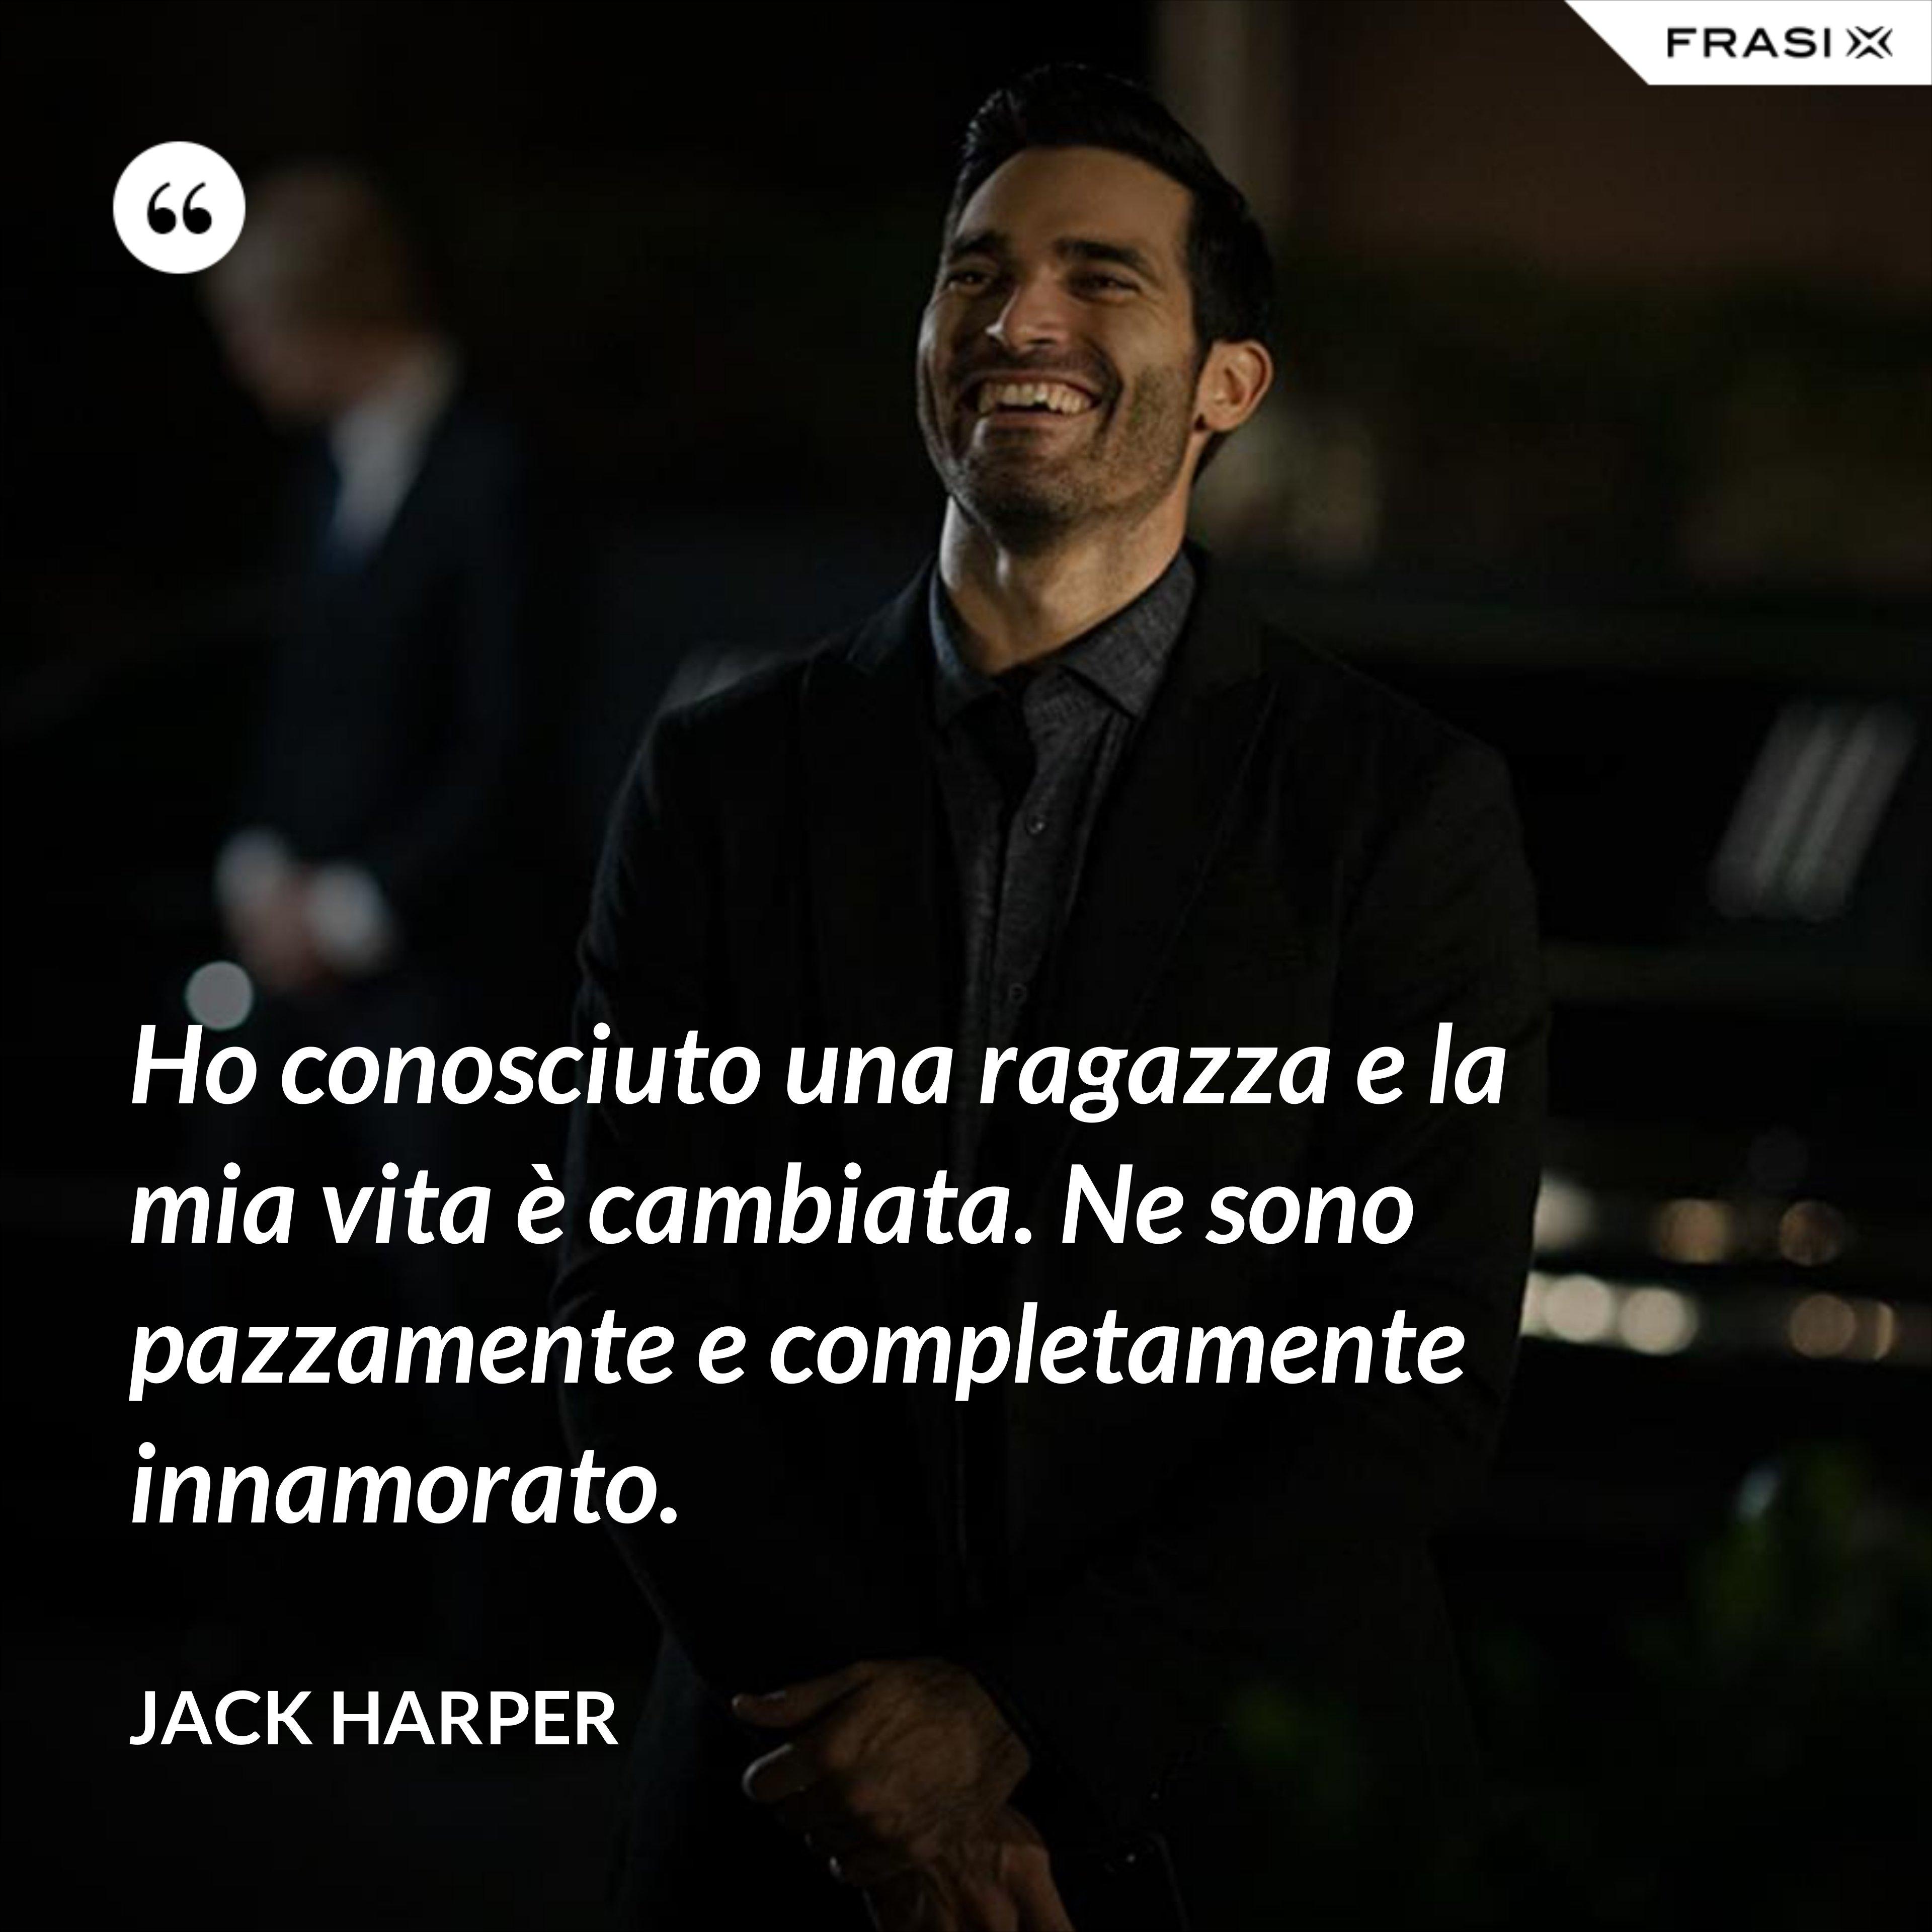 Ho conosciuto una ragazza e la mia vita è cambiata. Ne sono pazzamente e completamente innamorato. - Jack Harper